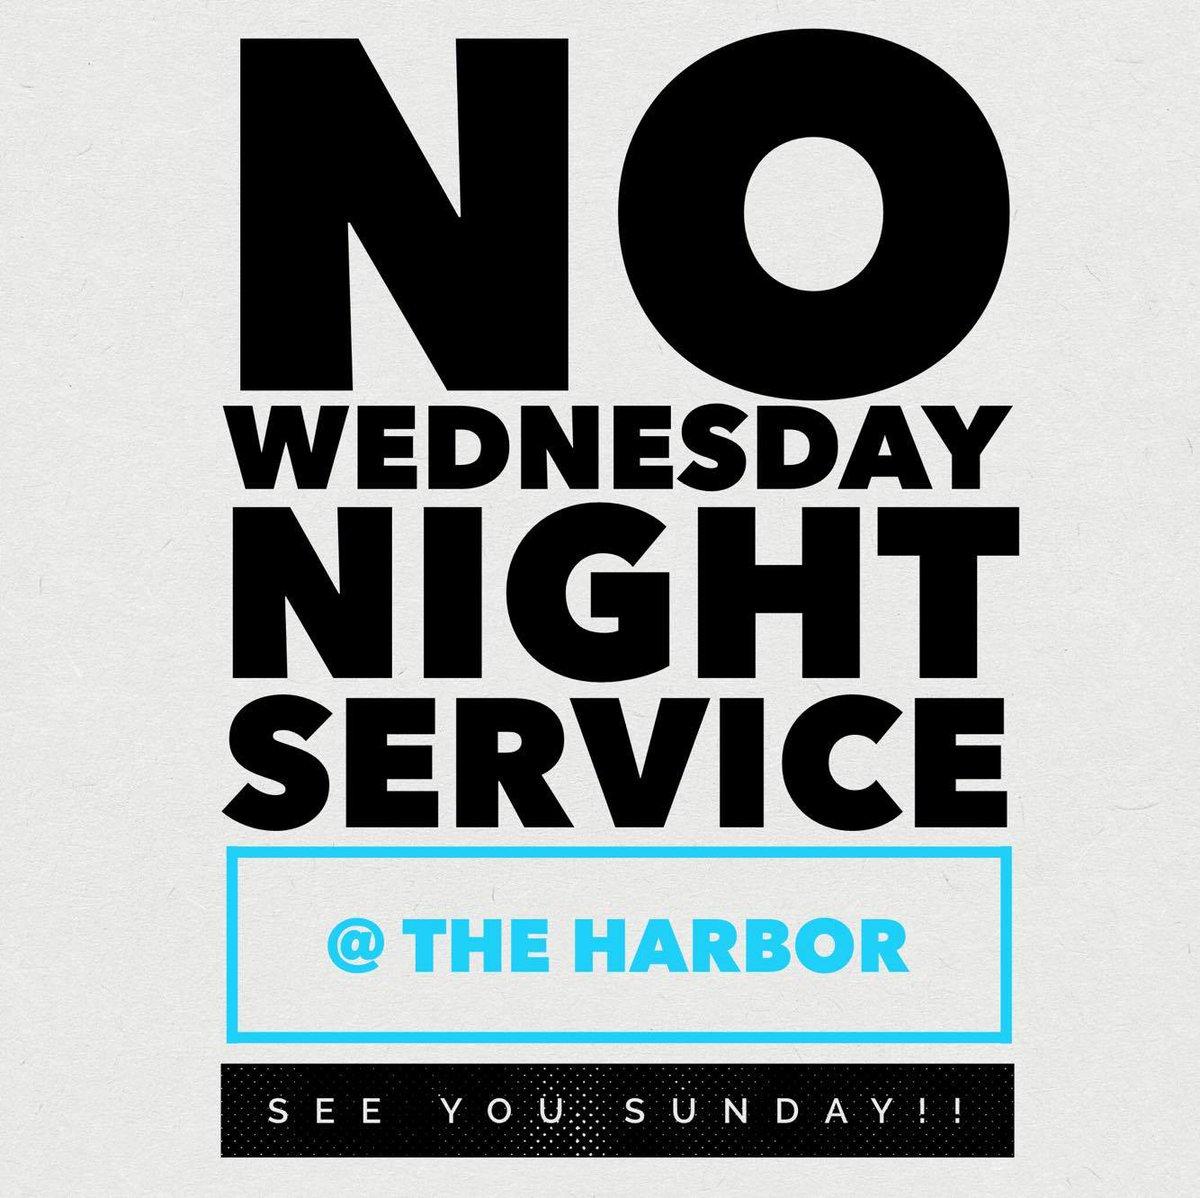 Harbor Worship on Twitter: